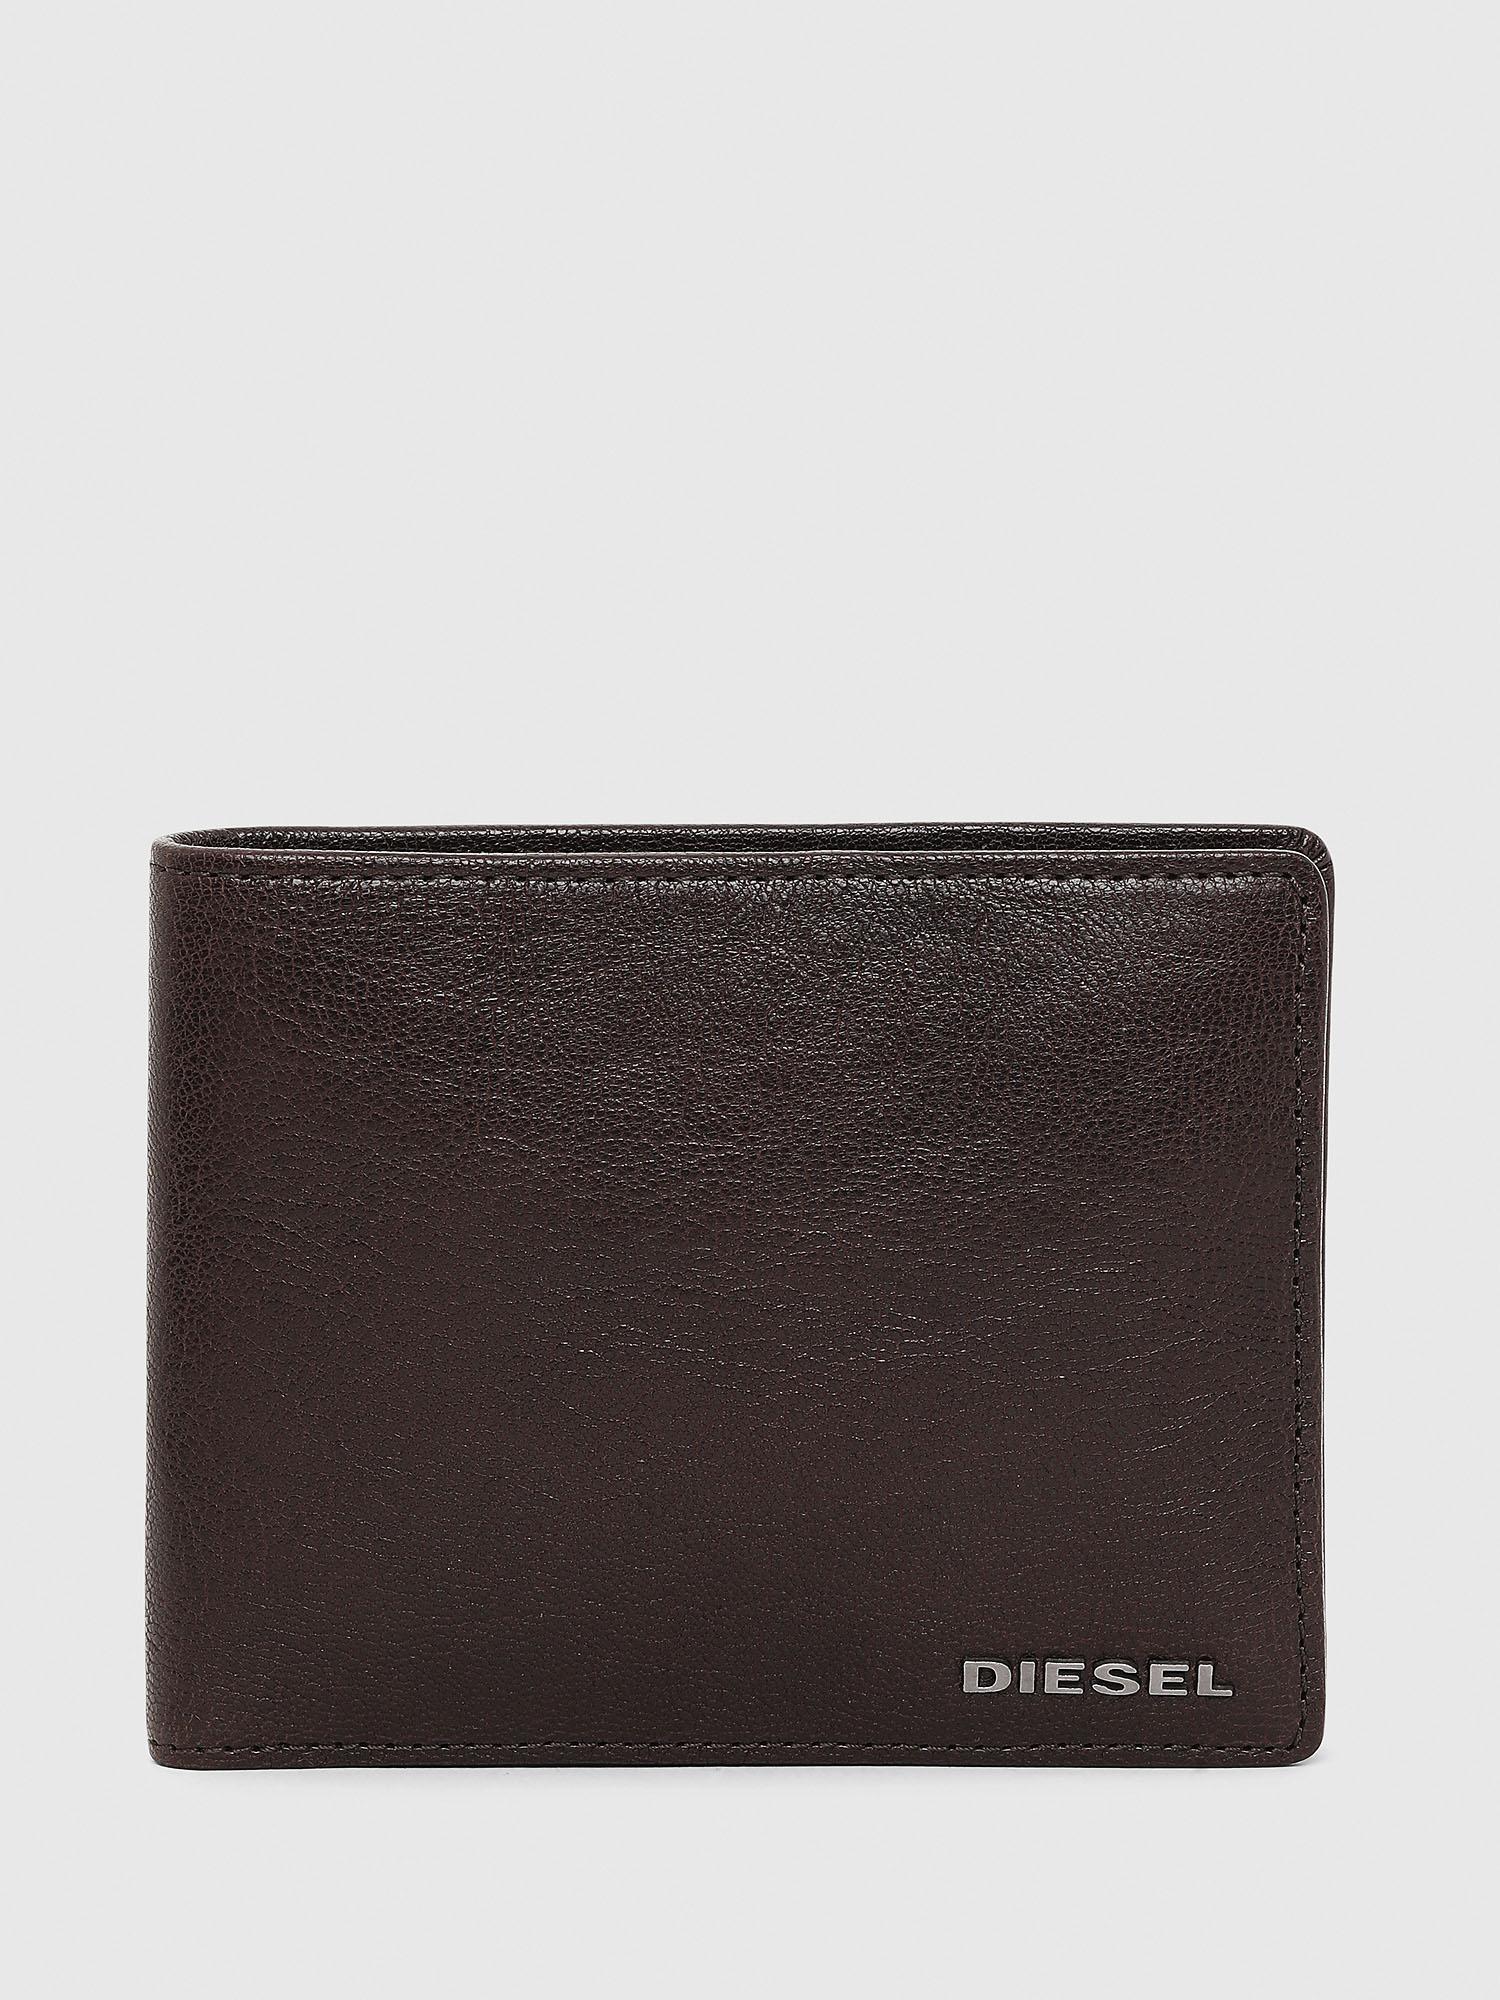 sconto più votato completo nelle specifiche rapporto qualità-prezzo HIRESH Uomo: Portafoglio a libro in pelle pieno fiore   Diesel